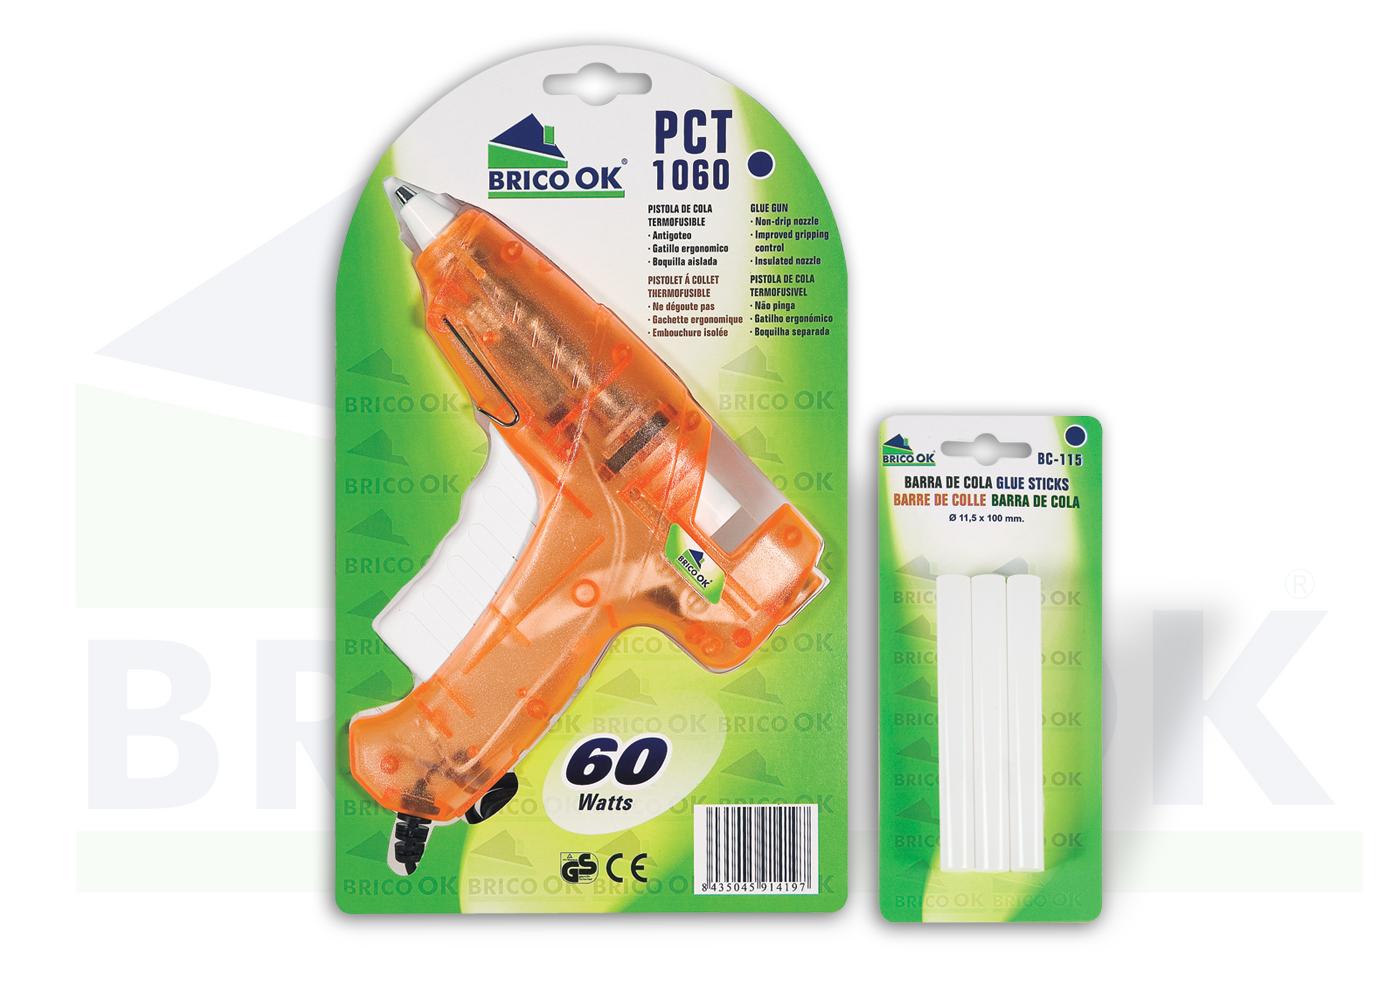 Pistola de cola PCT-1060